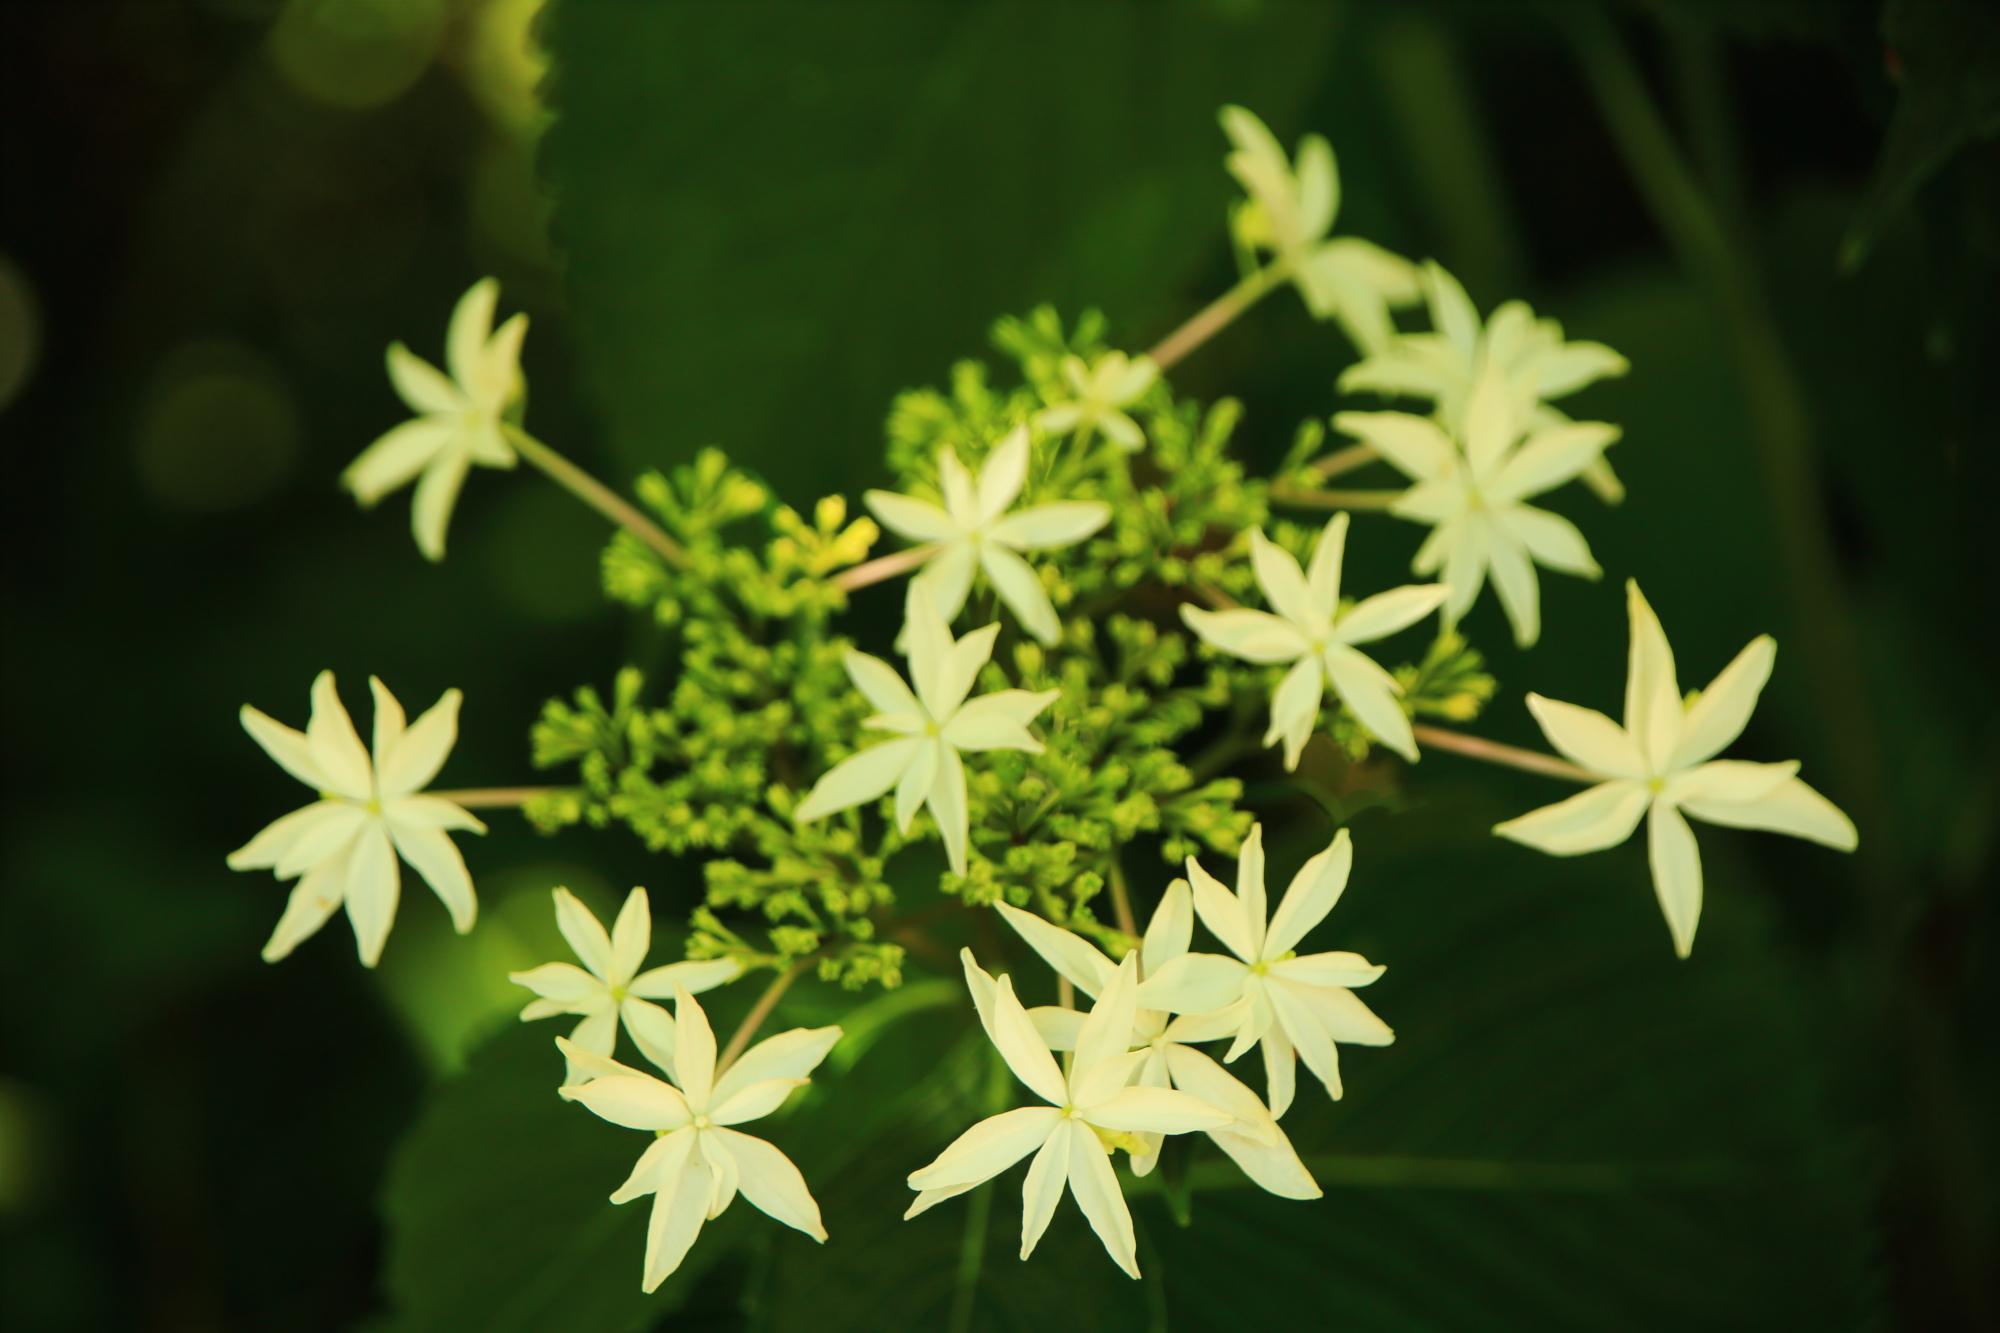 梅宮大社の淡い黄色の星紫陽花(ホシアジサイ)